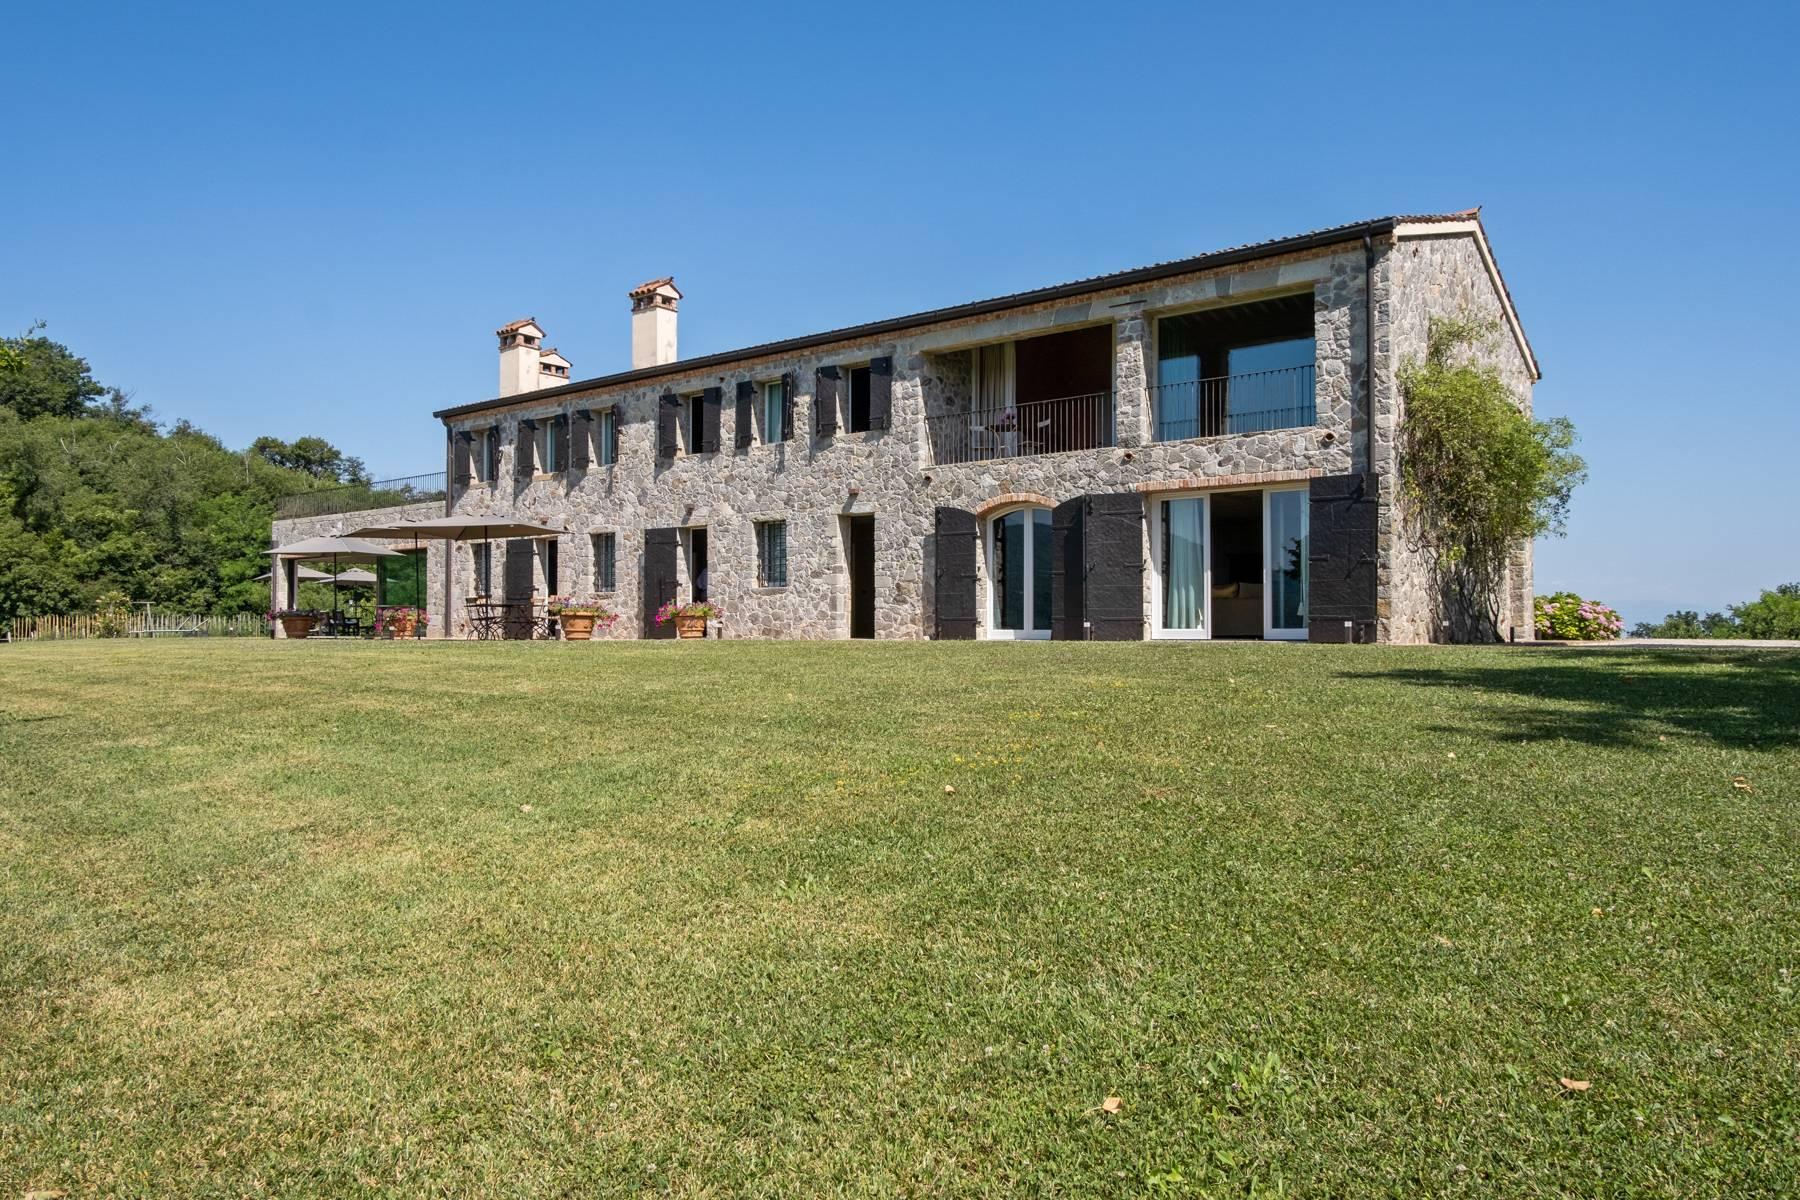 Fabelhaft renoviertes Bauernhaus auf den Hügeln mit Schwimmbad und landwirtschaftlichem Anwesen mit Weinbergen - 1